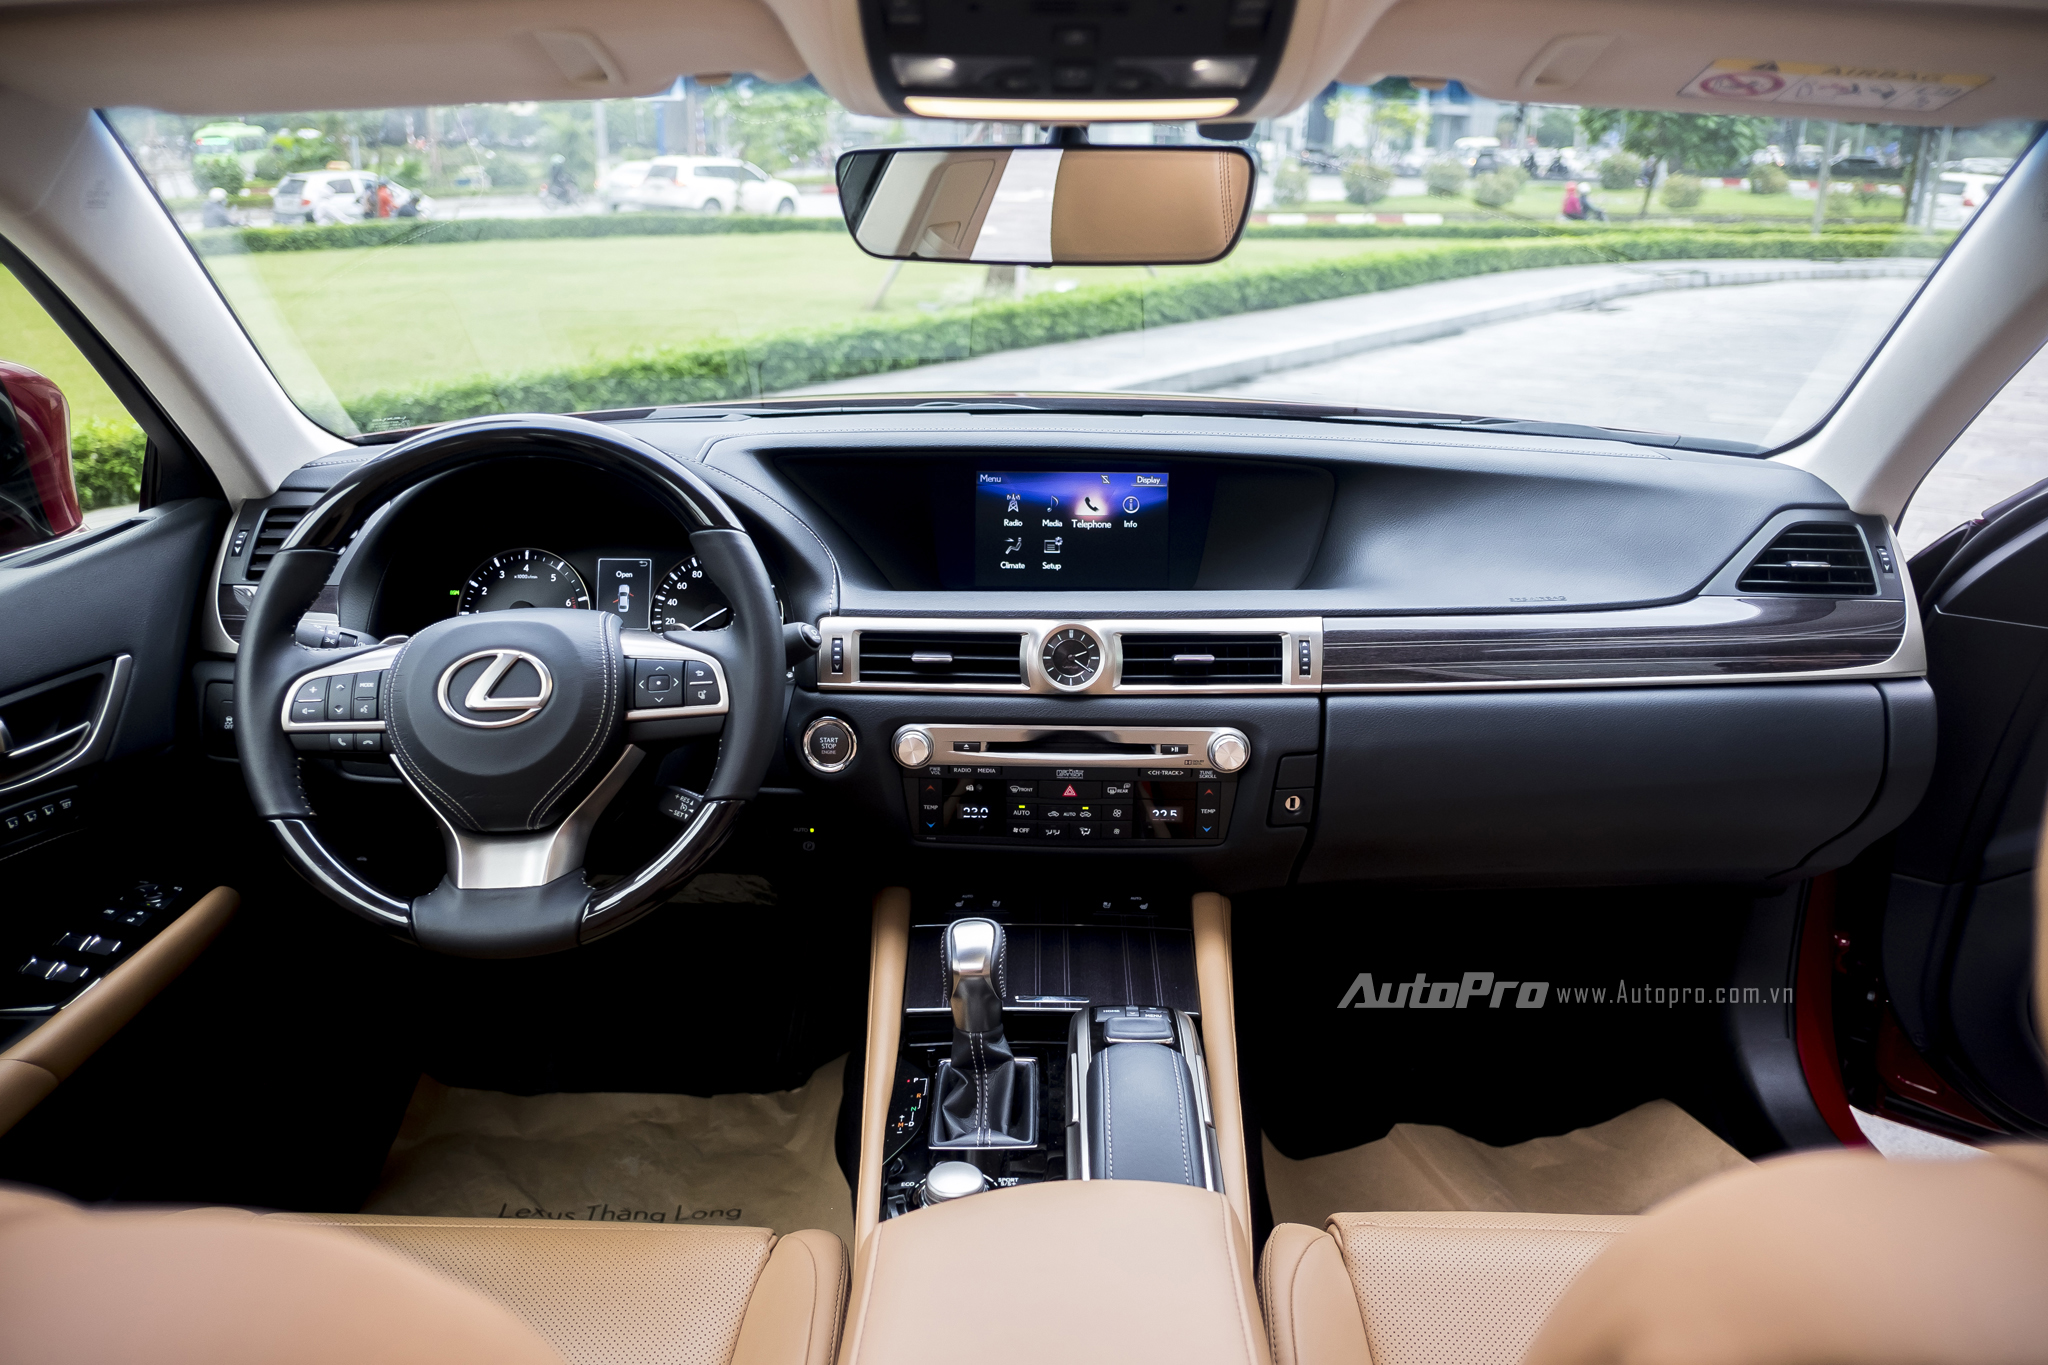 Không gian bên trong Lexus GS200t vẫn giữ nguyên những đường nét vuông vắn, đơn giản và rất đặc trưng.